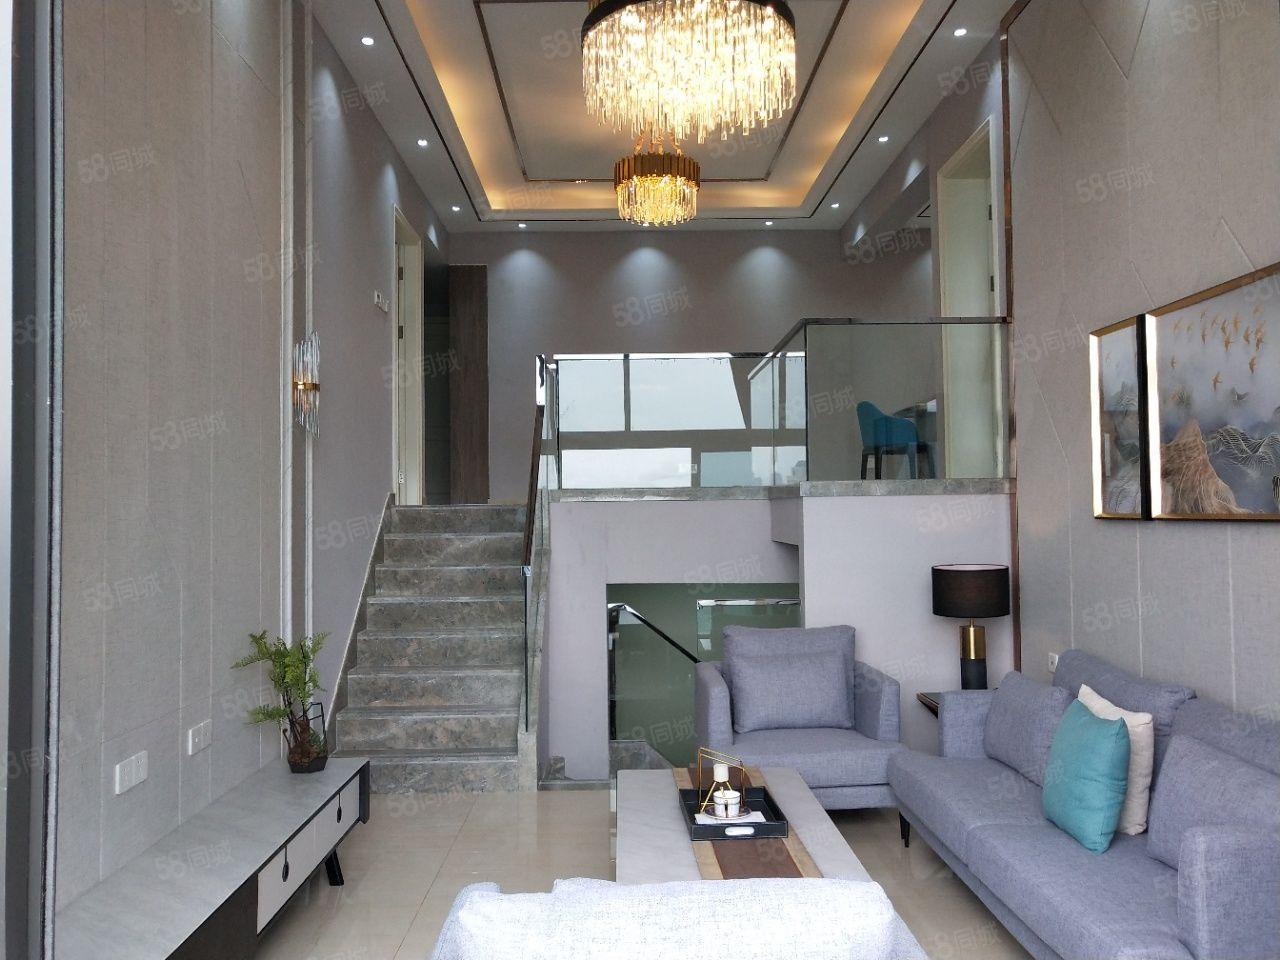 金悅灣三層復試無敵江景房豪華裝修身份與地位的象征學區房